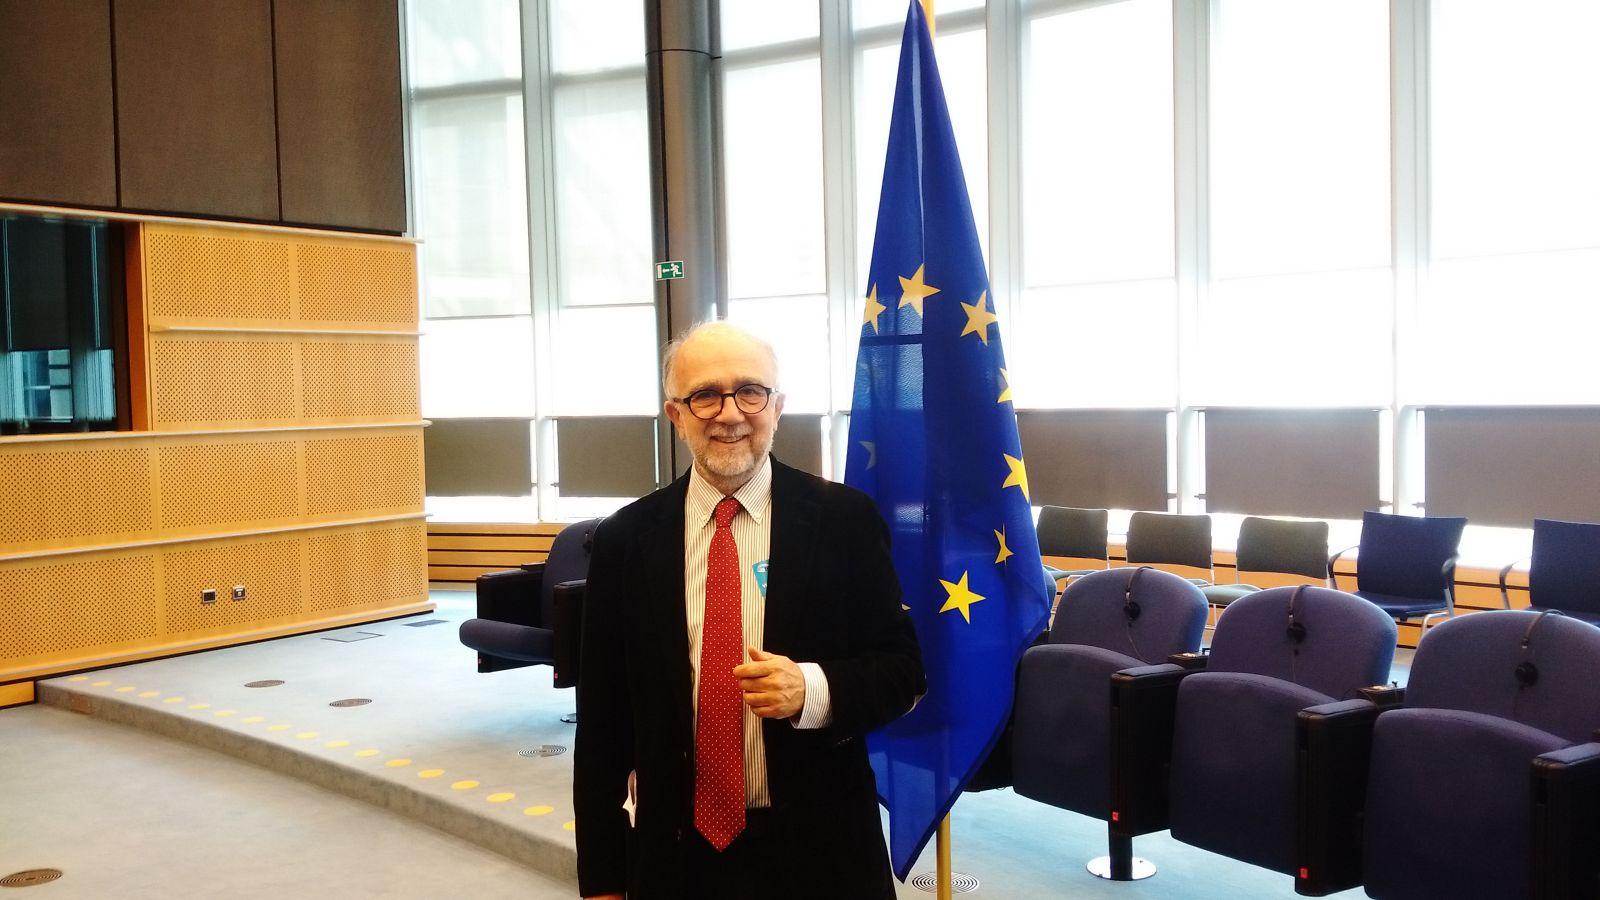 El projecte de recerca SIforAGE organitza una jornada al Parlament Europeu sobre envelliment actiu i saludable.